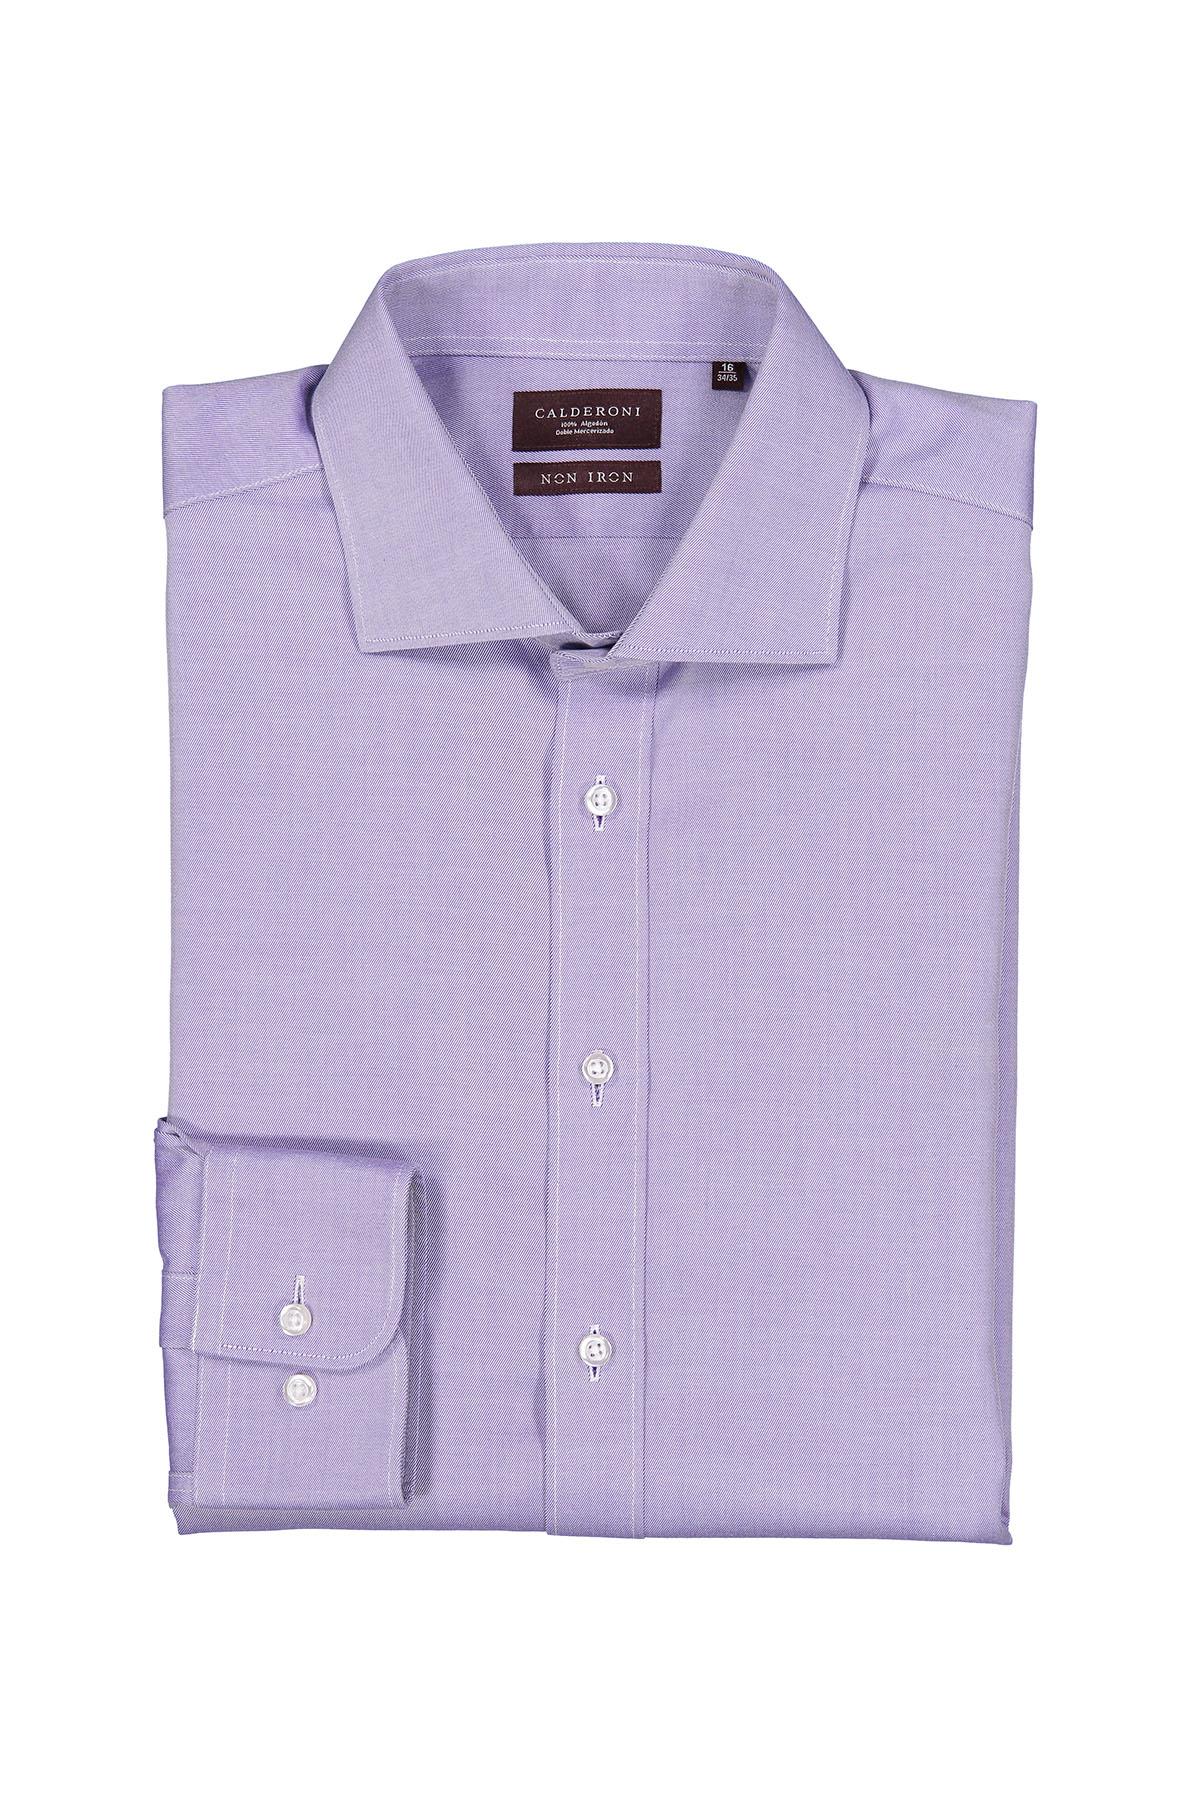 Camisa Calderoni -Non Iron 24/7- twill color morado.